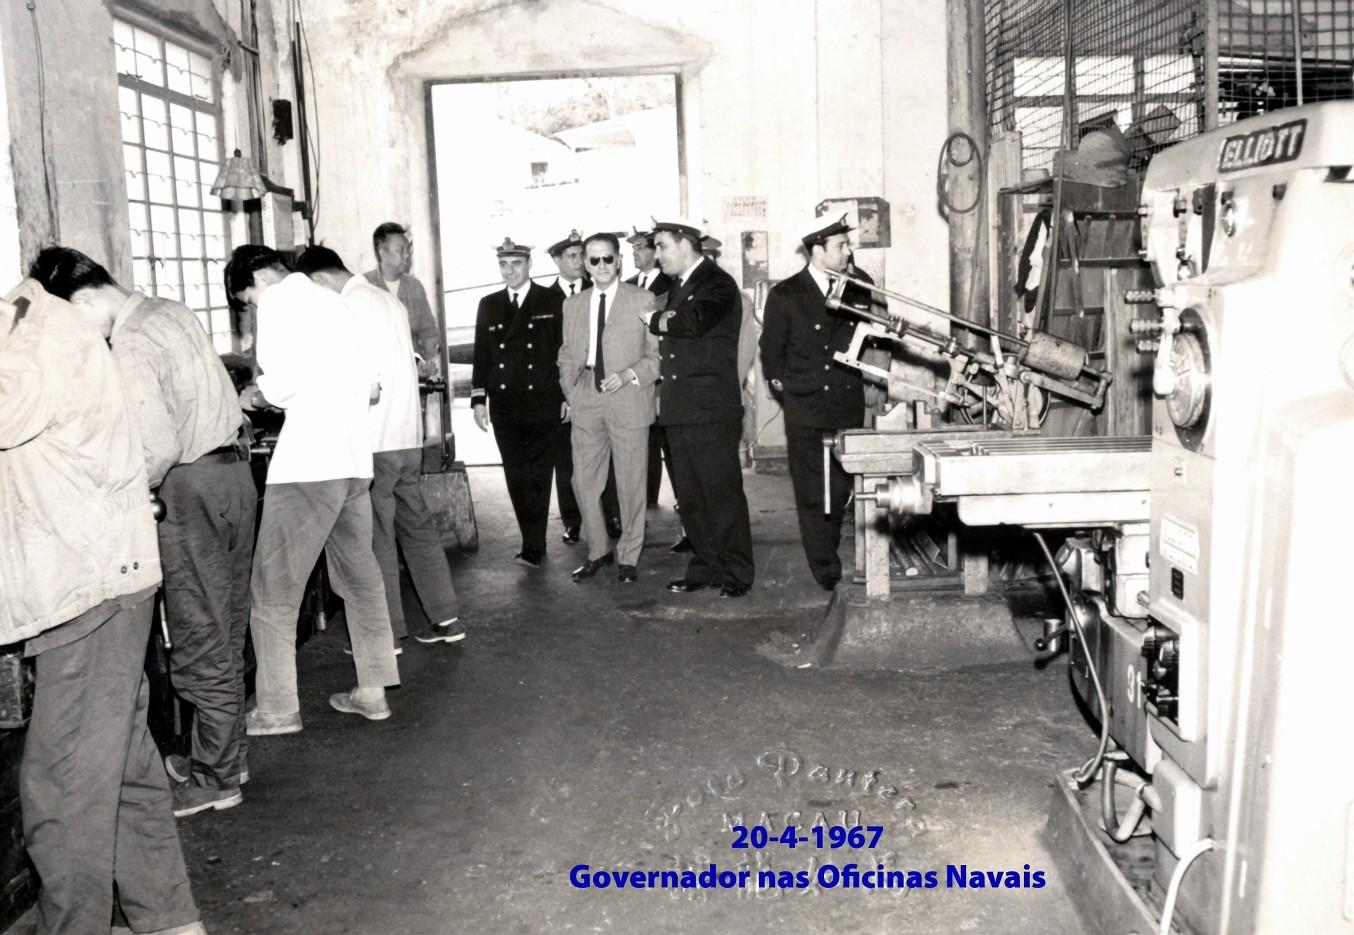 054 Governador nas Oficinas Navais